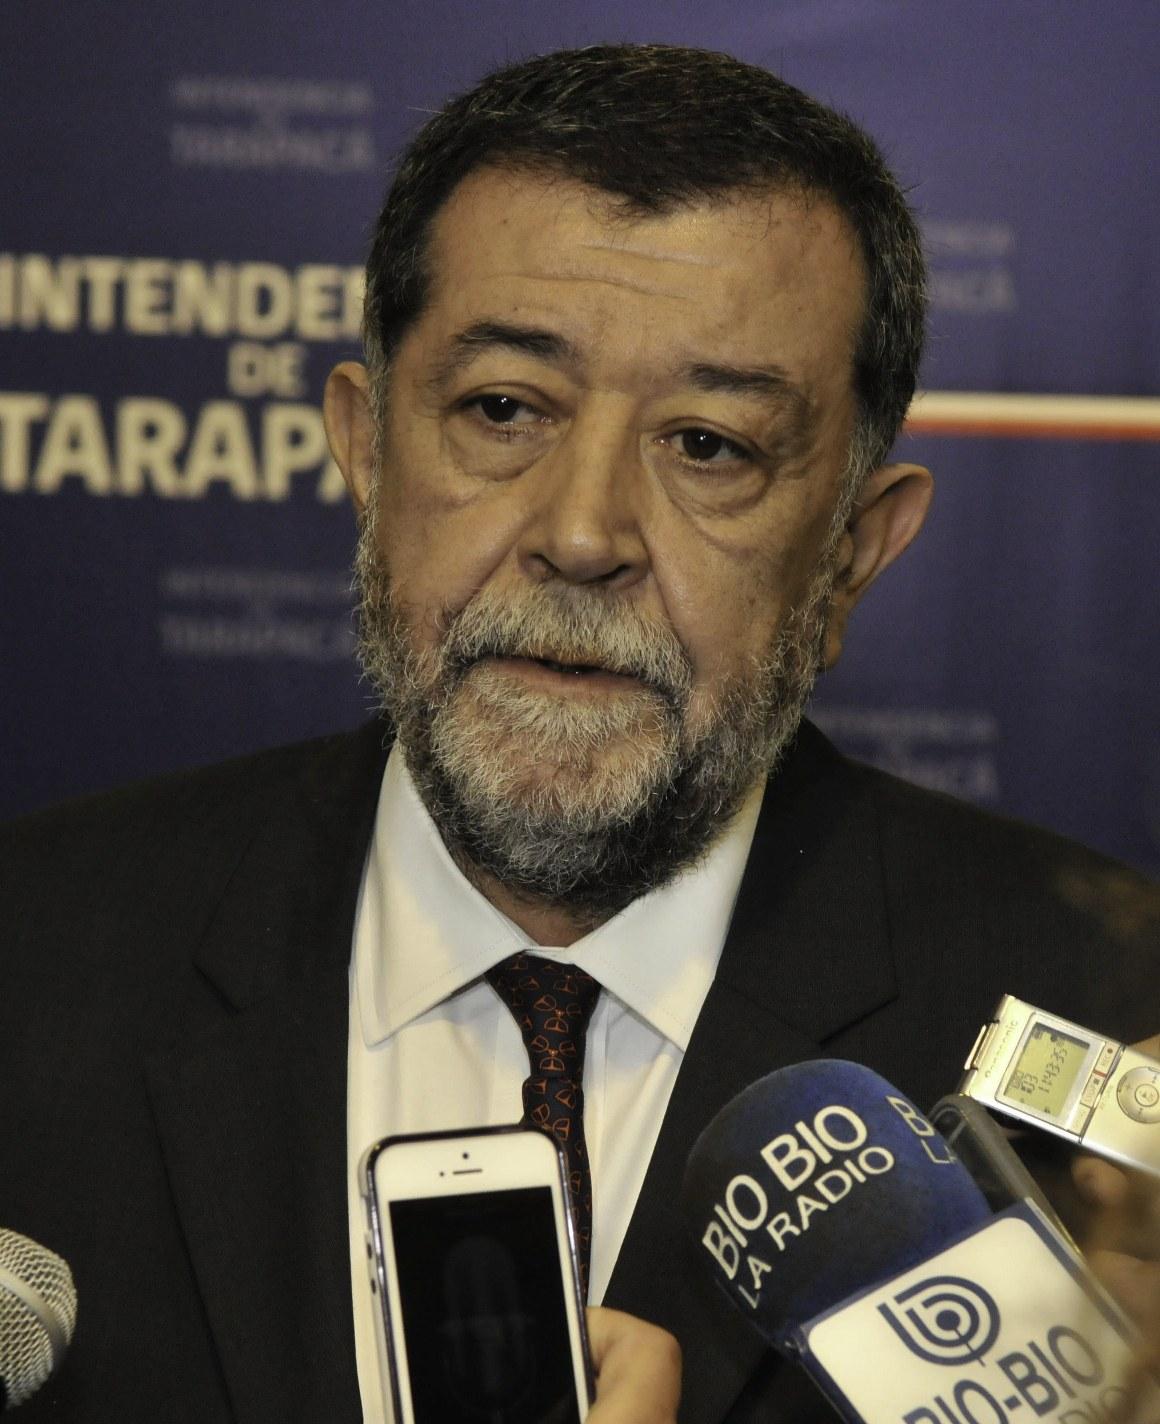 El subsecretario del interior diario el nortino iquique for Subsecretario del interior